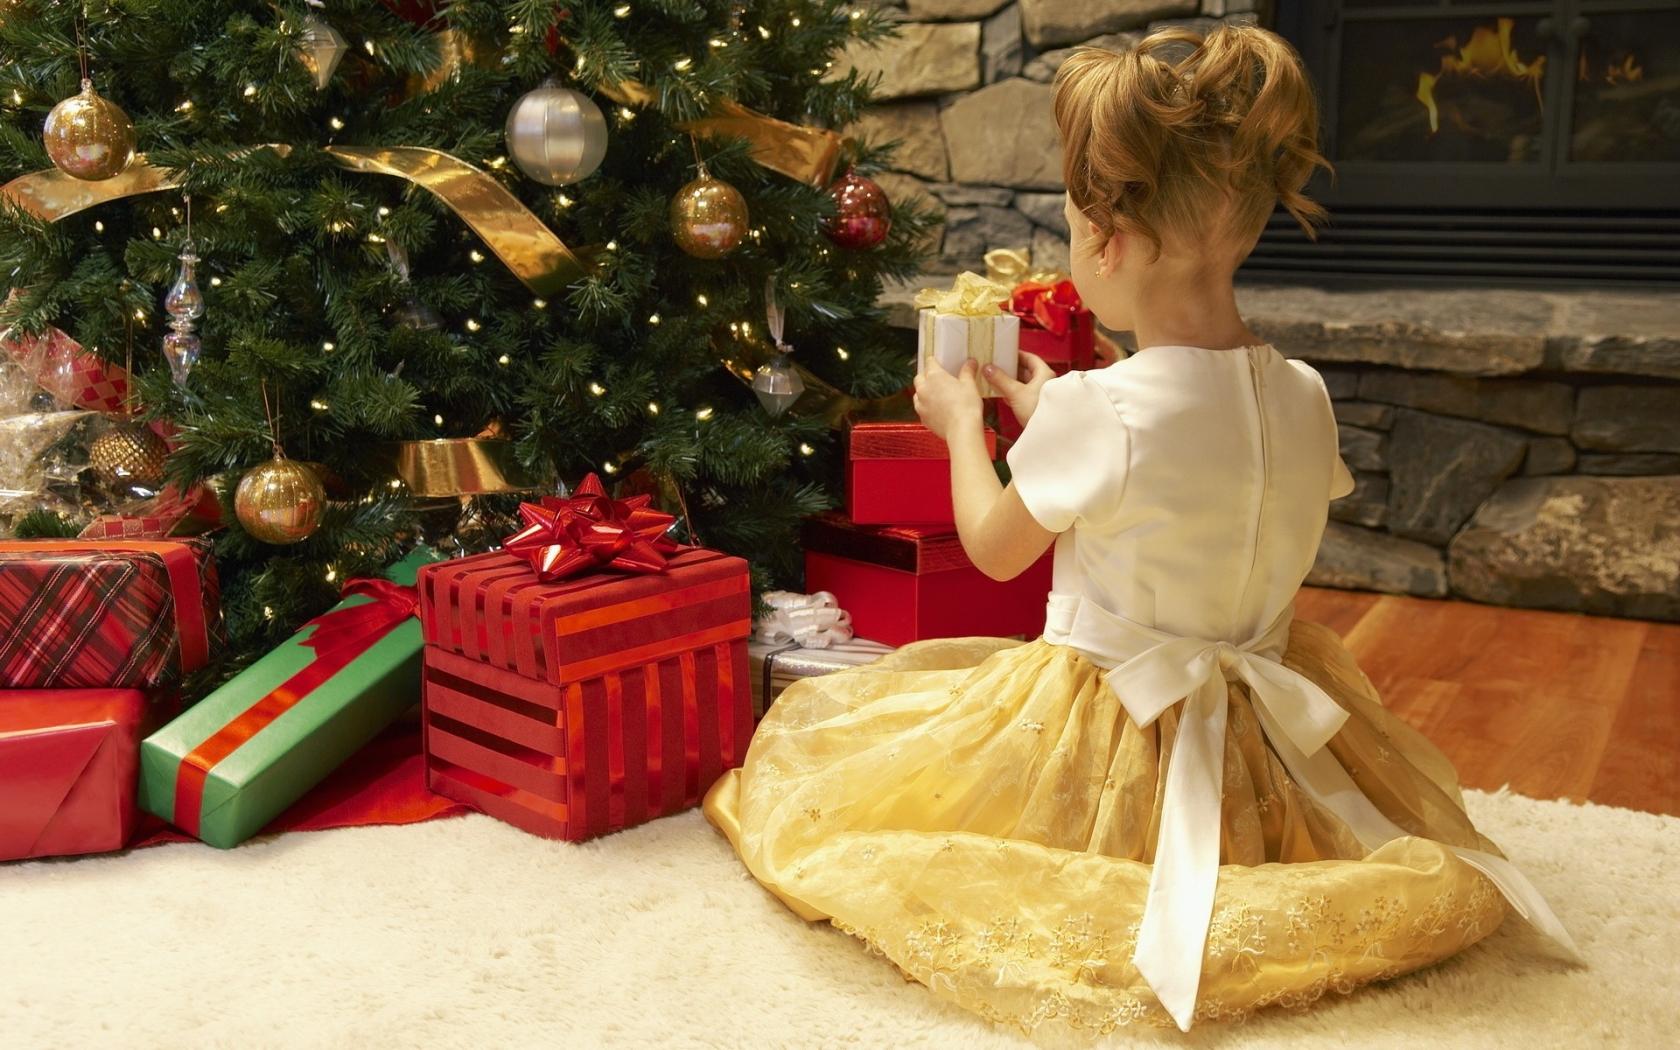 Niña arreglando el arbol de navidad - 1680x1050